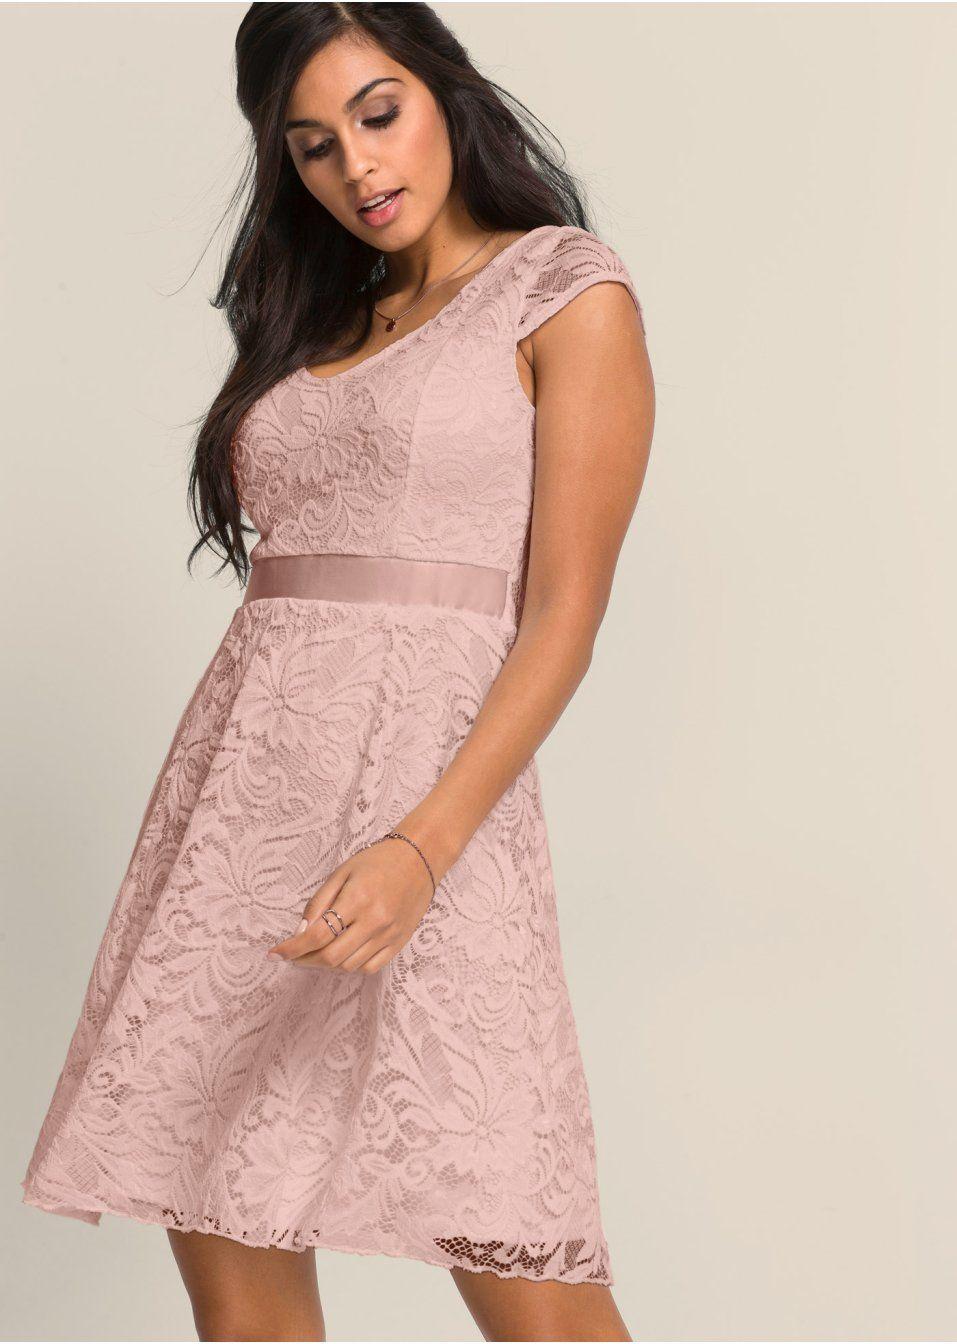 Wonderbaarlijk Jersey jurk met kant (met afbeeldingen) | Jurken, Mode, Prachtige PL-81